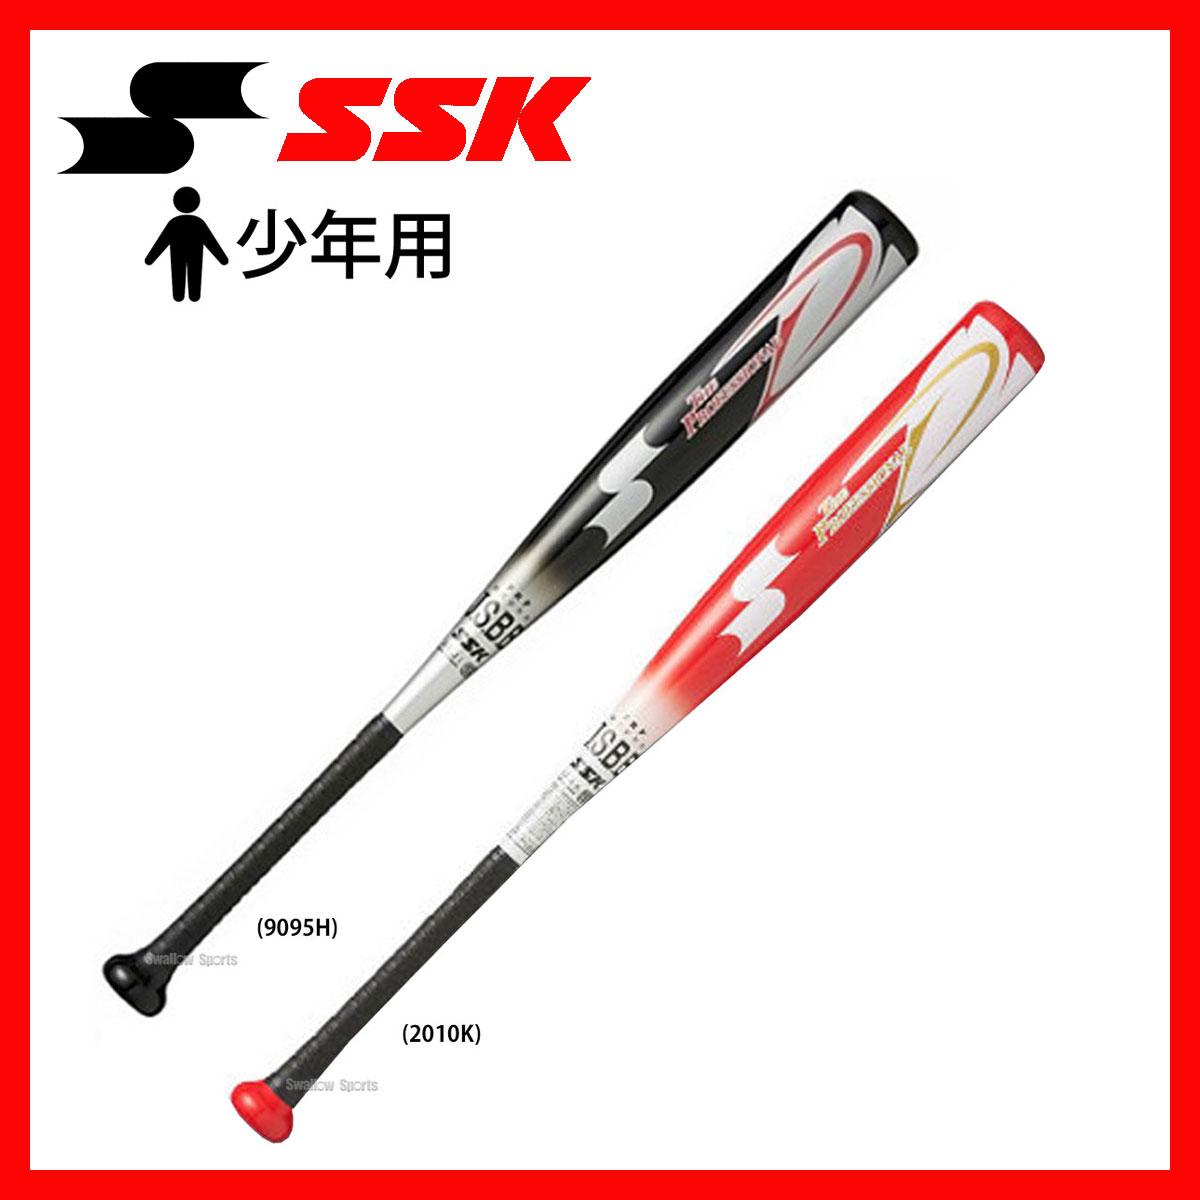 【あす楽対応】 SSK エスエスケイ 少年 ジュニア 軟式 FRP製 バット ザプロフェッショナル TPNCJ0117F 入学祝い 軟式用 野球部 野球用品 スワロースポーツ